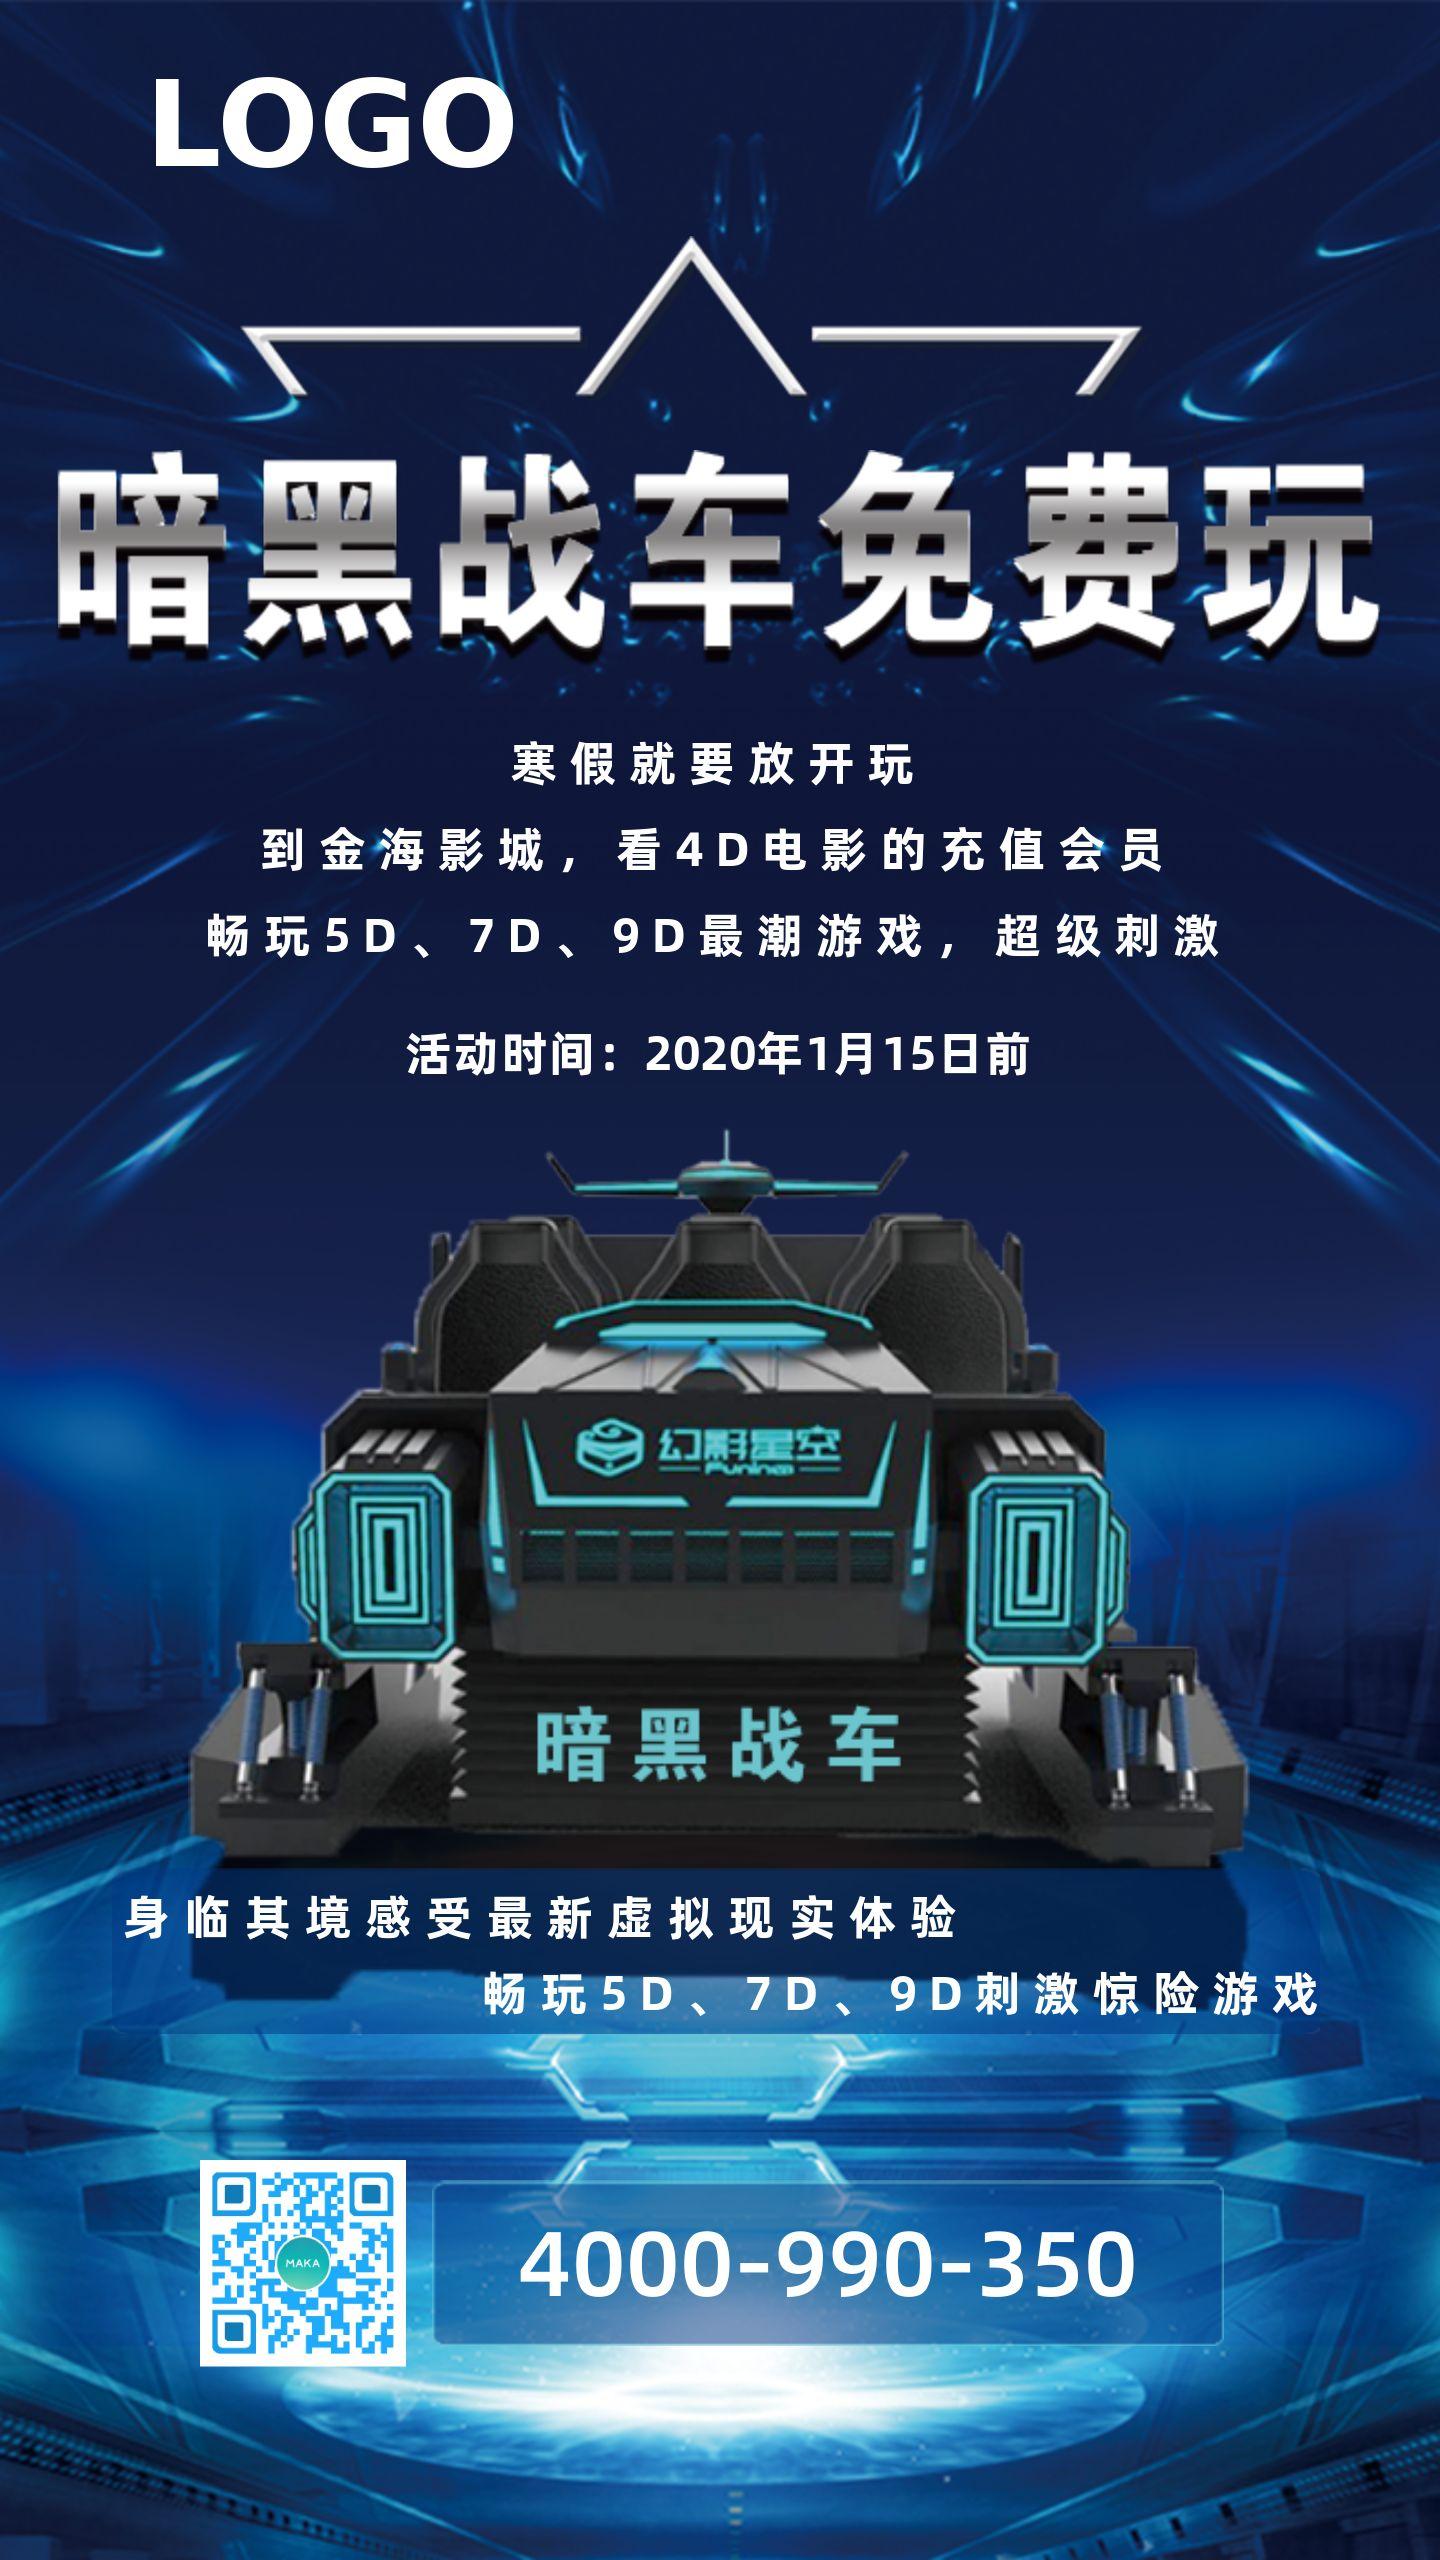 电影院宣传暗黑战车免费玩海报